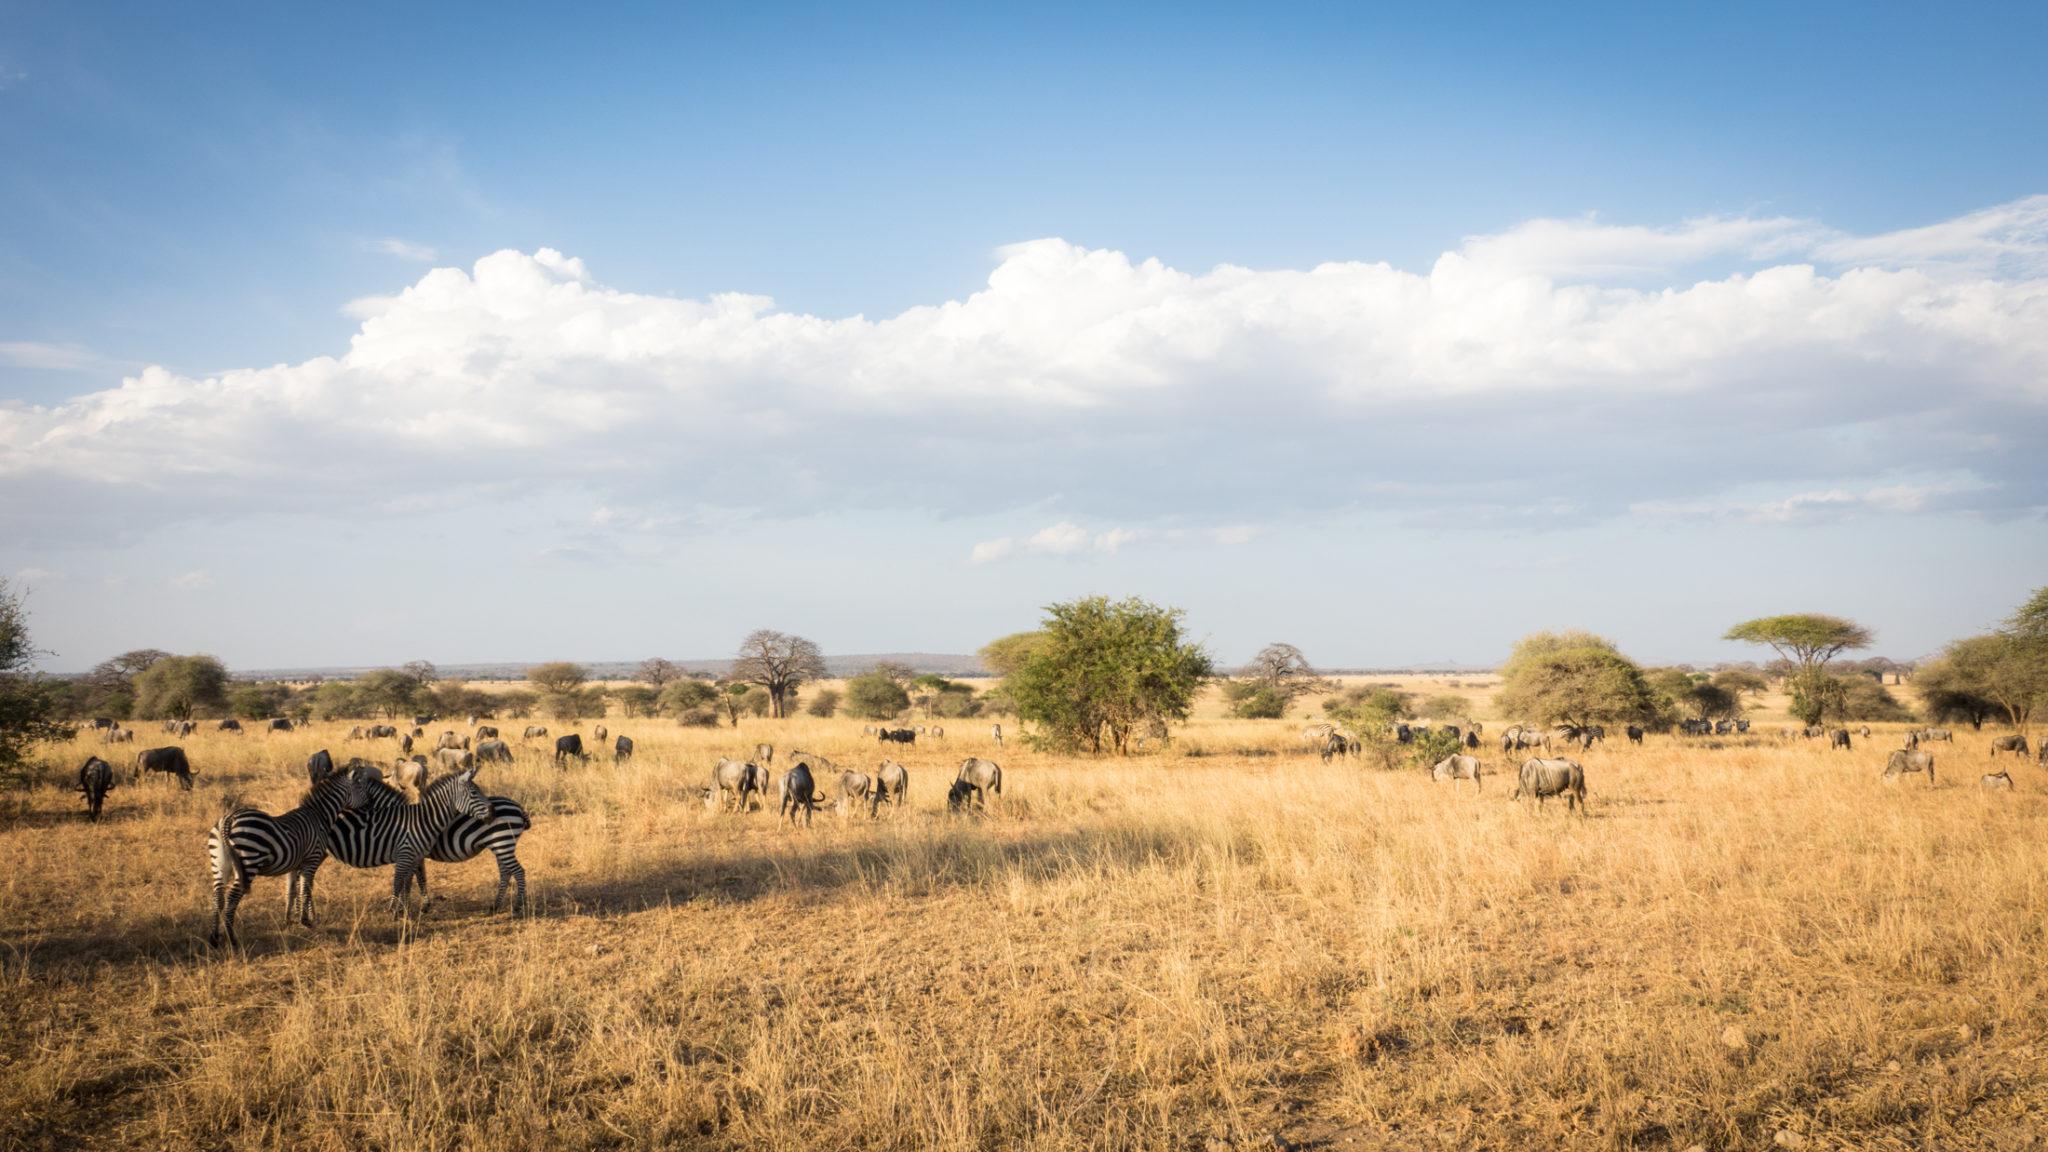 Zebras und Gnus in der Landschaft im Harangiere Nationalpark, Tansania